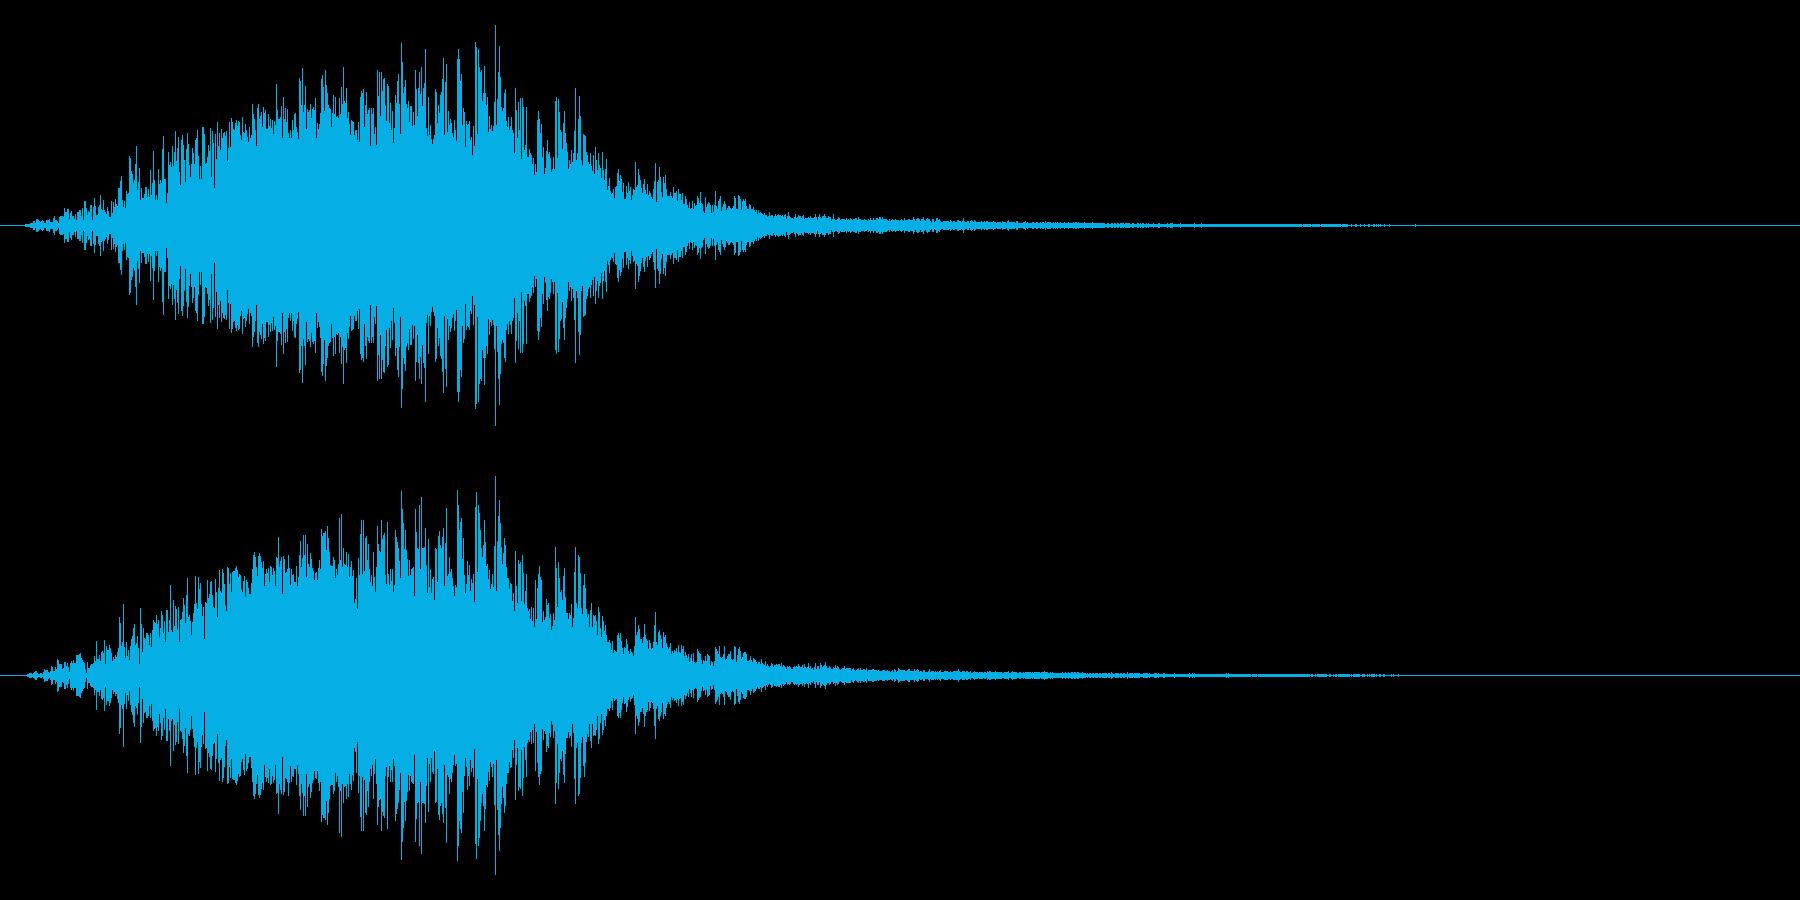 場面転換/星/ピューン/ポップ/かわいいの再生済みの波形